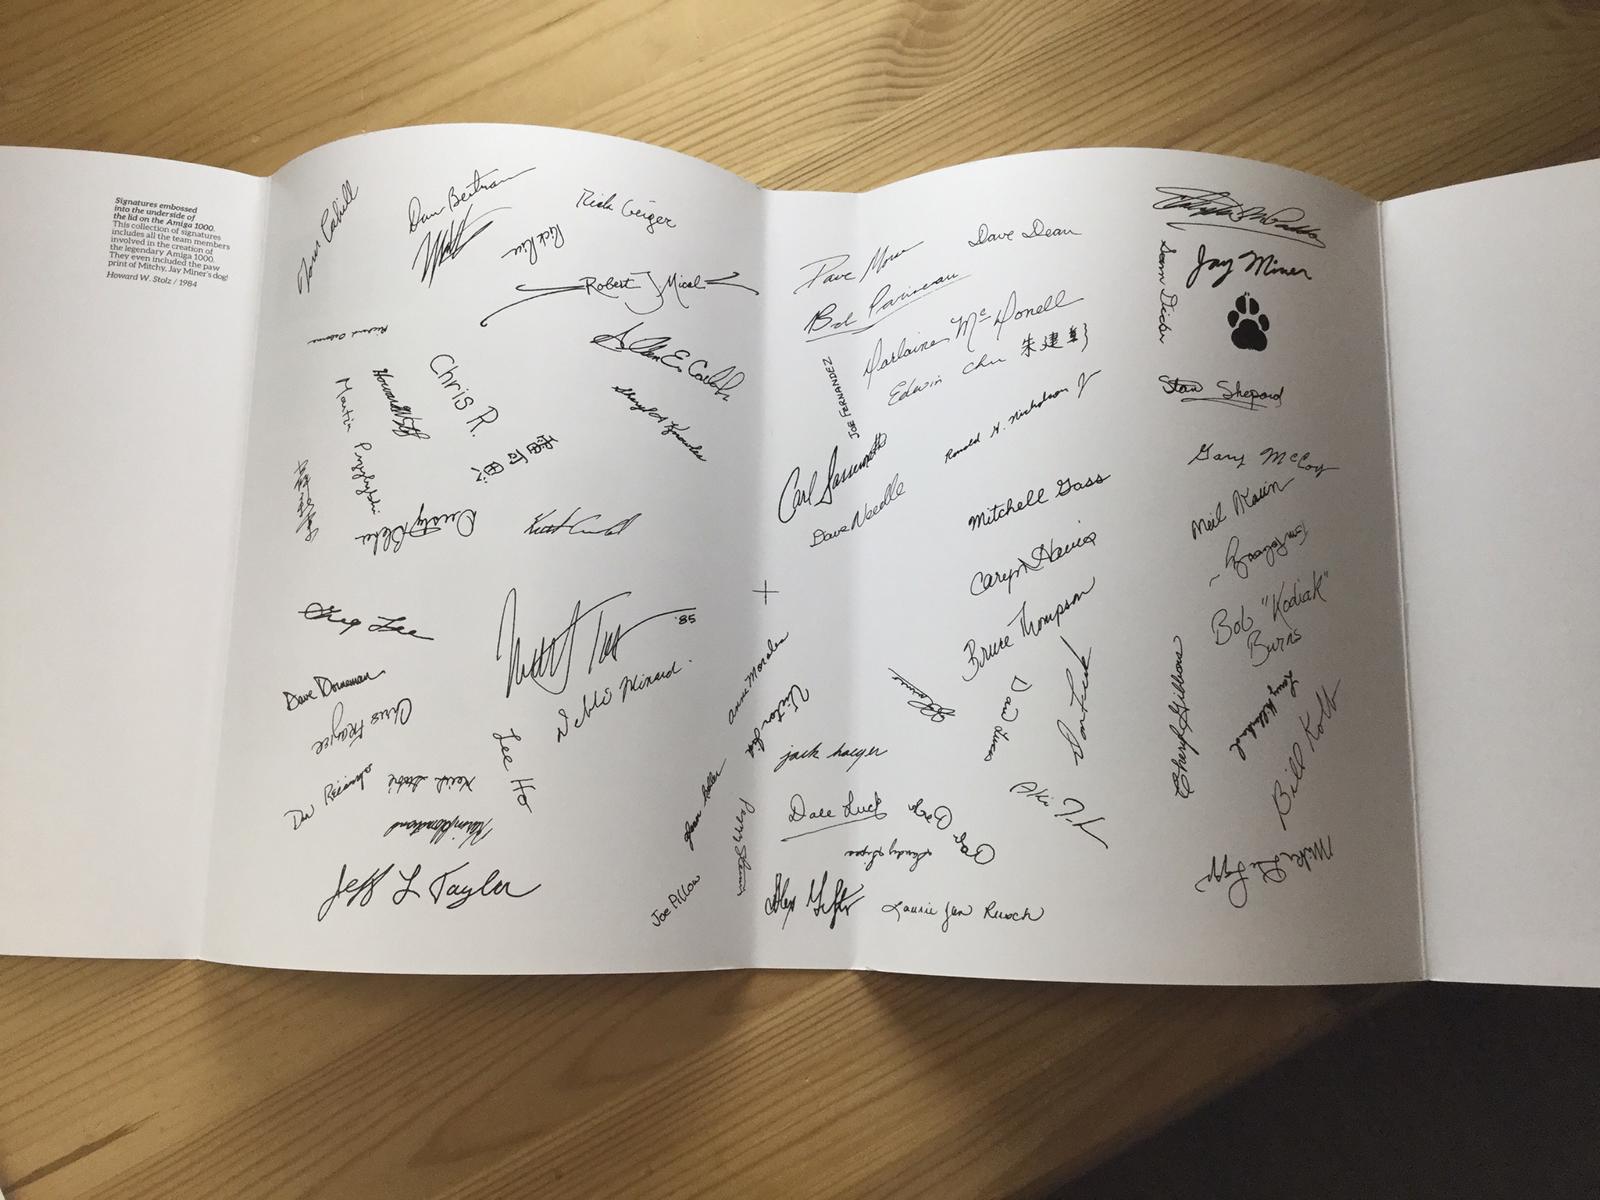 Schöne Idee: Die Unterschriften der Amiga-Entwickler im Bucheinschlag (Bild: Ferdinand Müller)